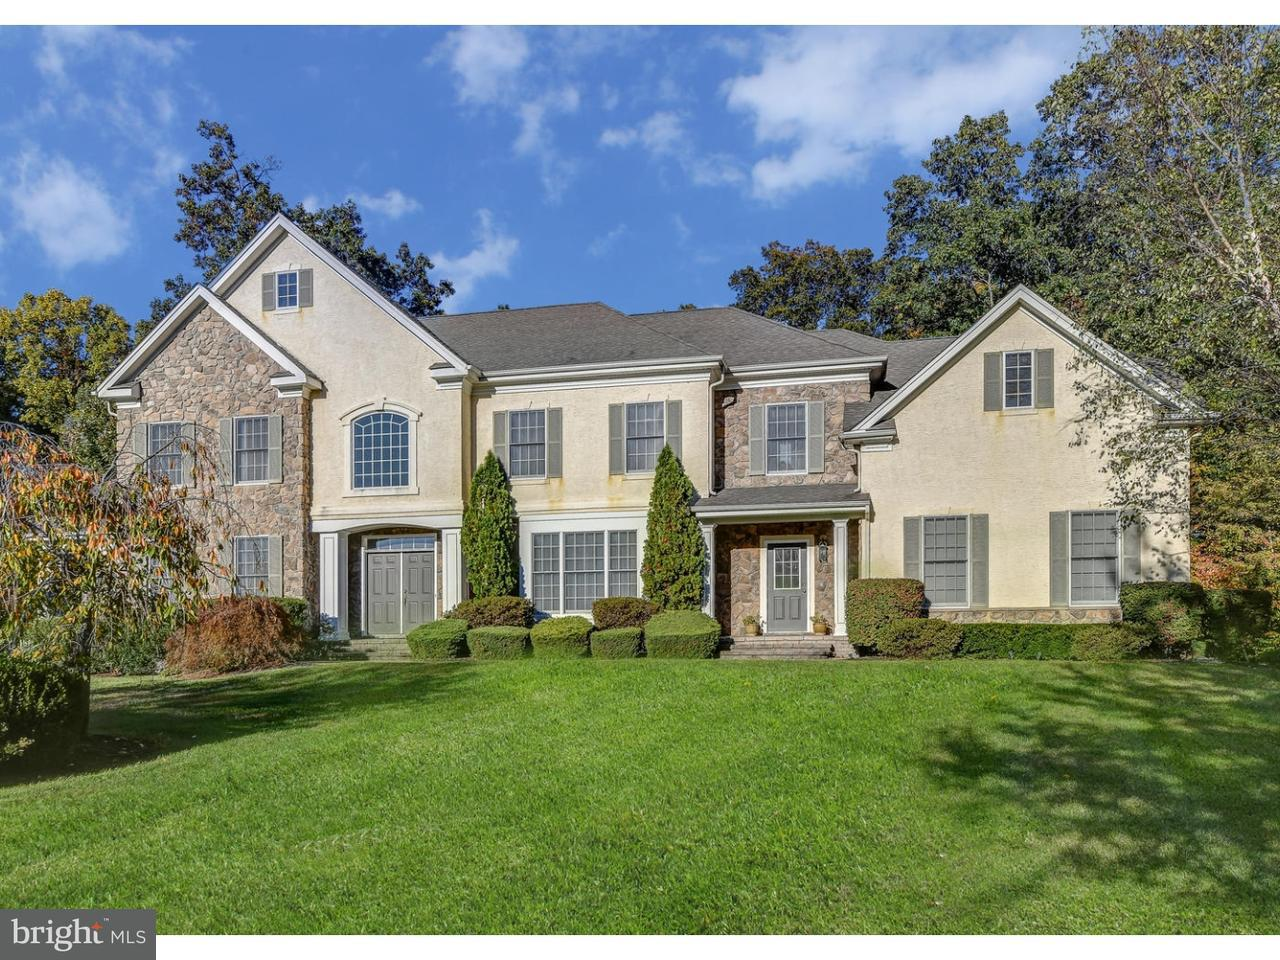 独户住宅 为 销售 在 10 ICHABOD Lane Allentown, 新泽西州 08501 美国在/周边: Upper Freehold Township